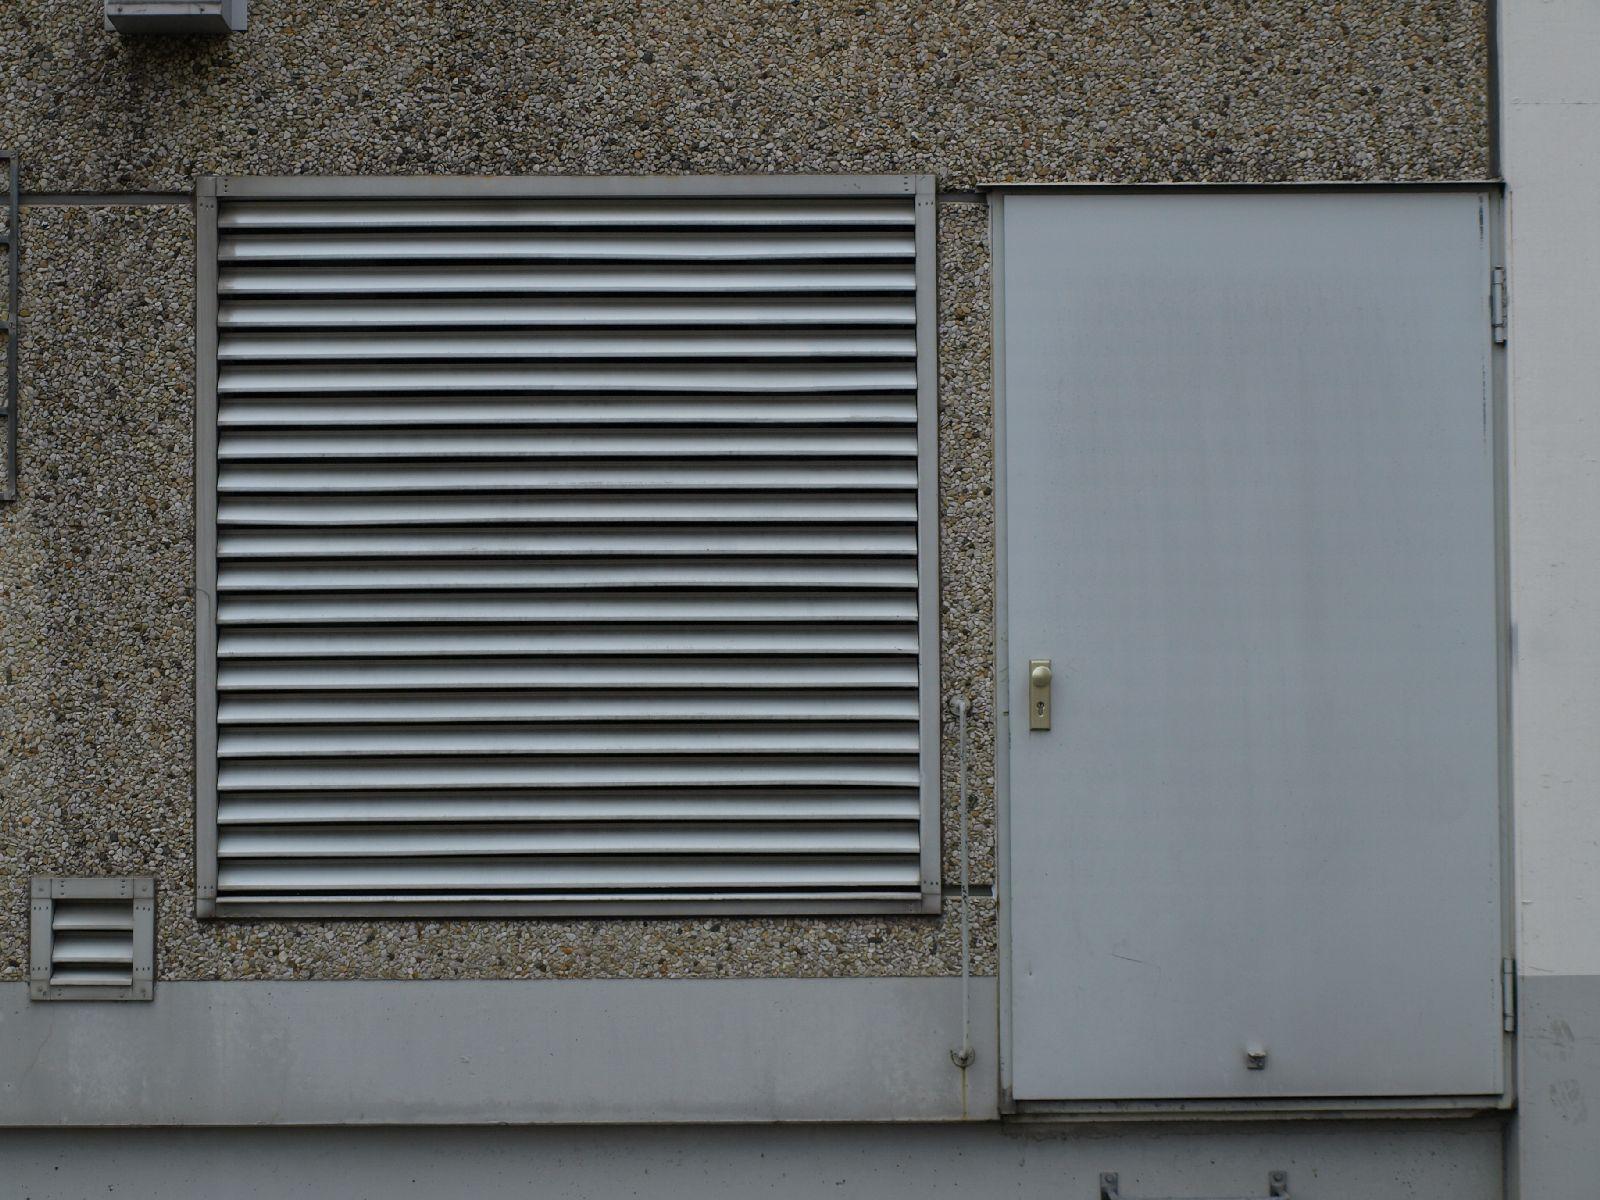 Gebaeude-Tueren-Fenster_Textur_A_PB026434